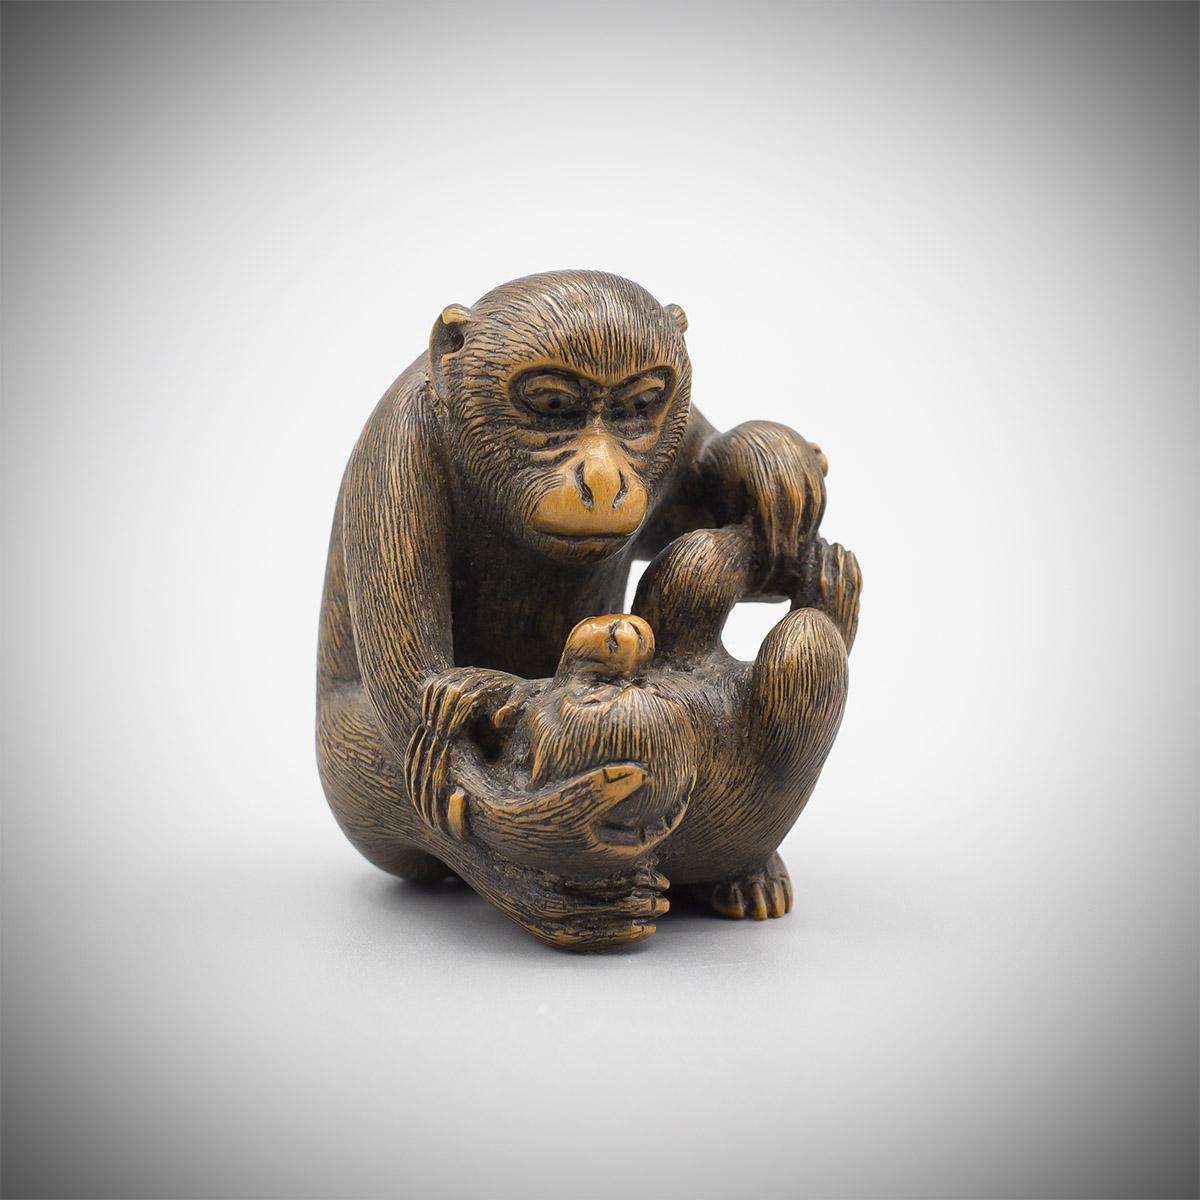 MR3870_v.1 A wood netsuke of monkeys by Ikko